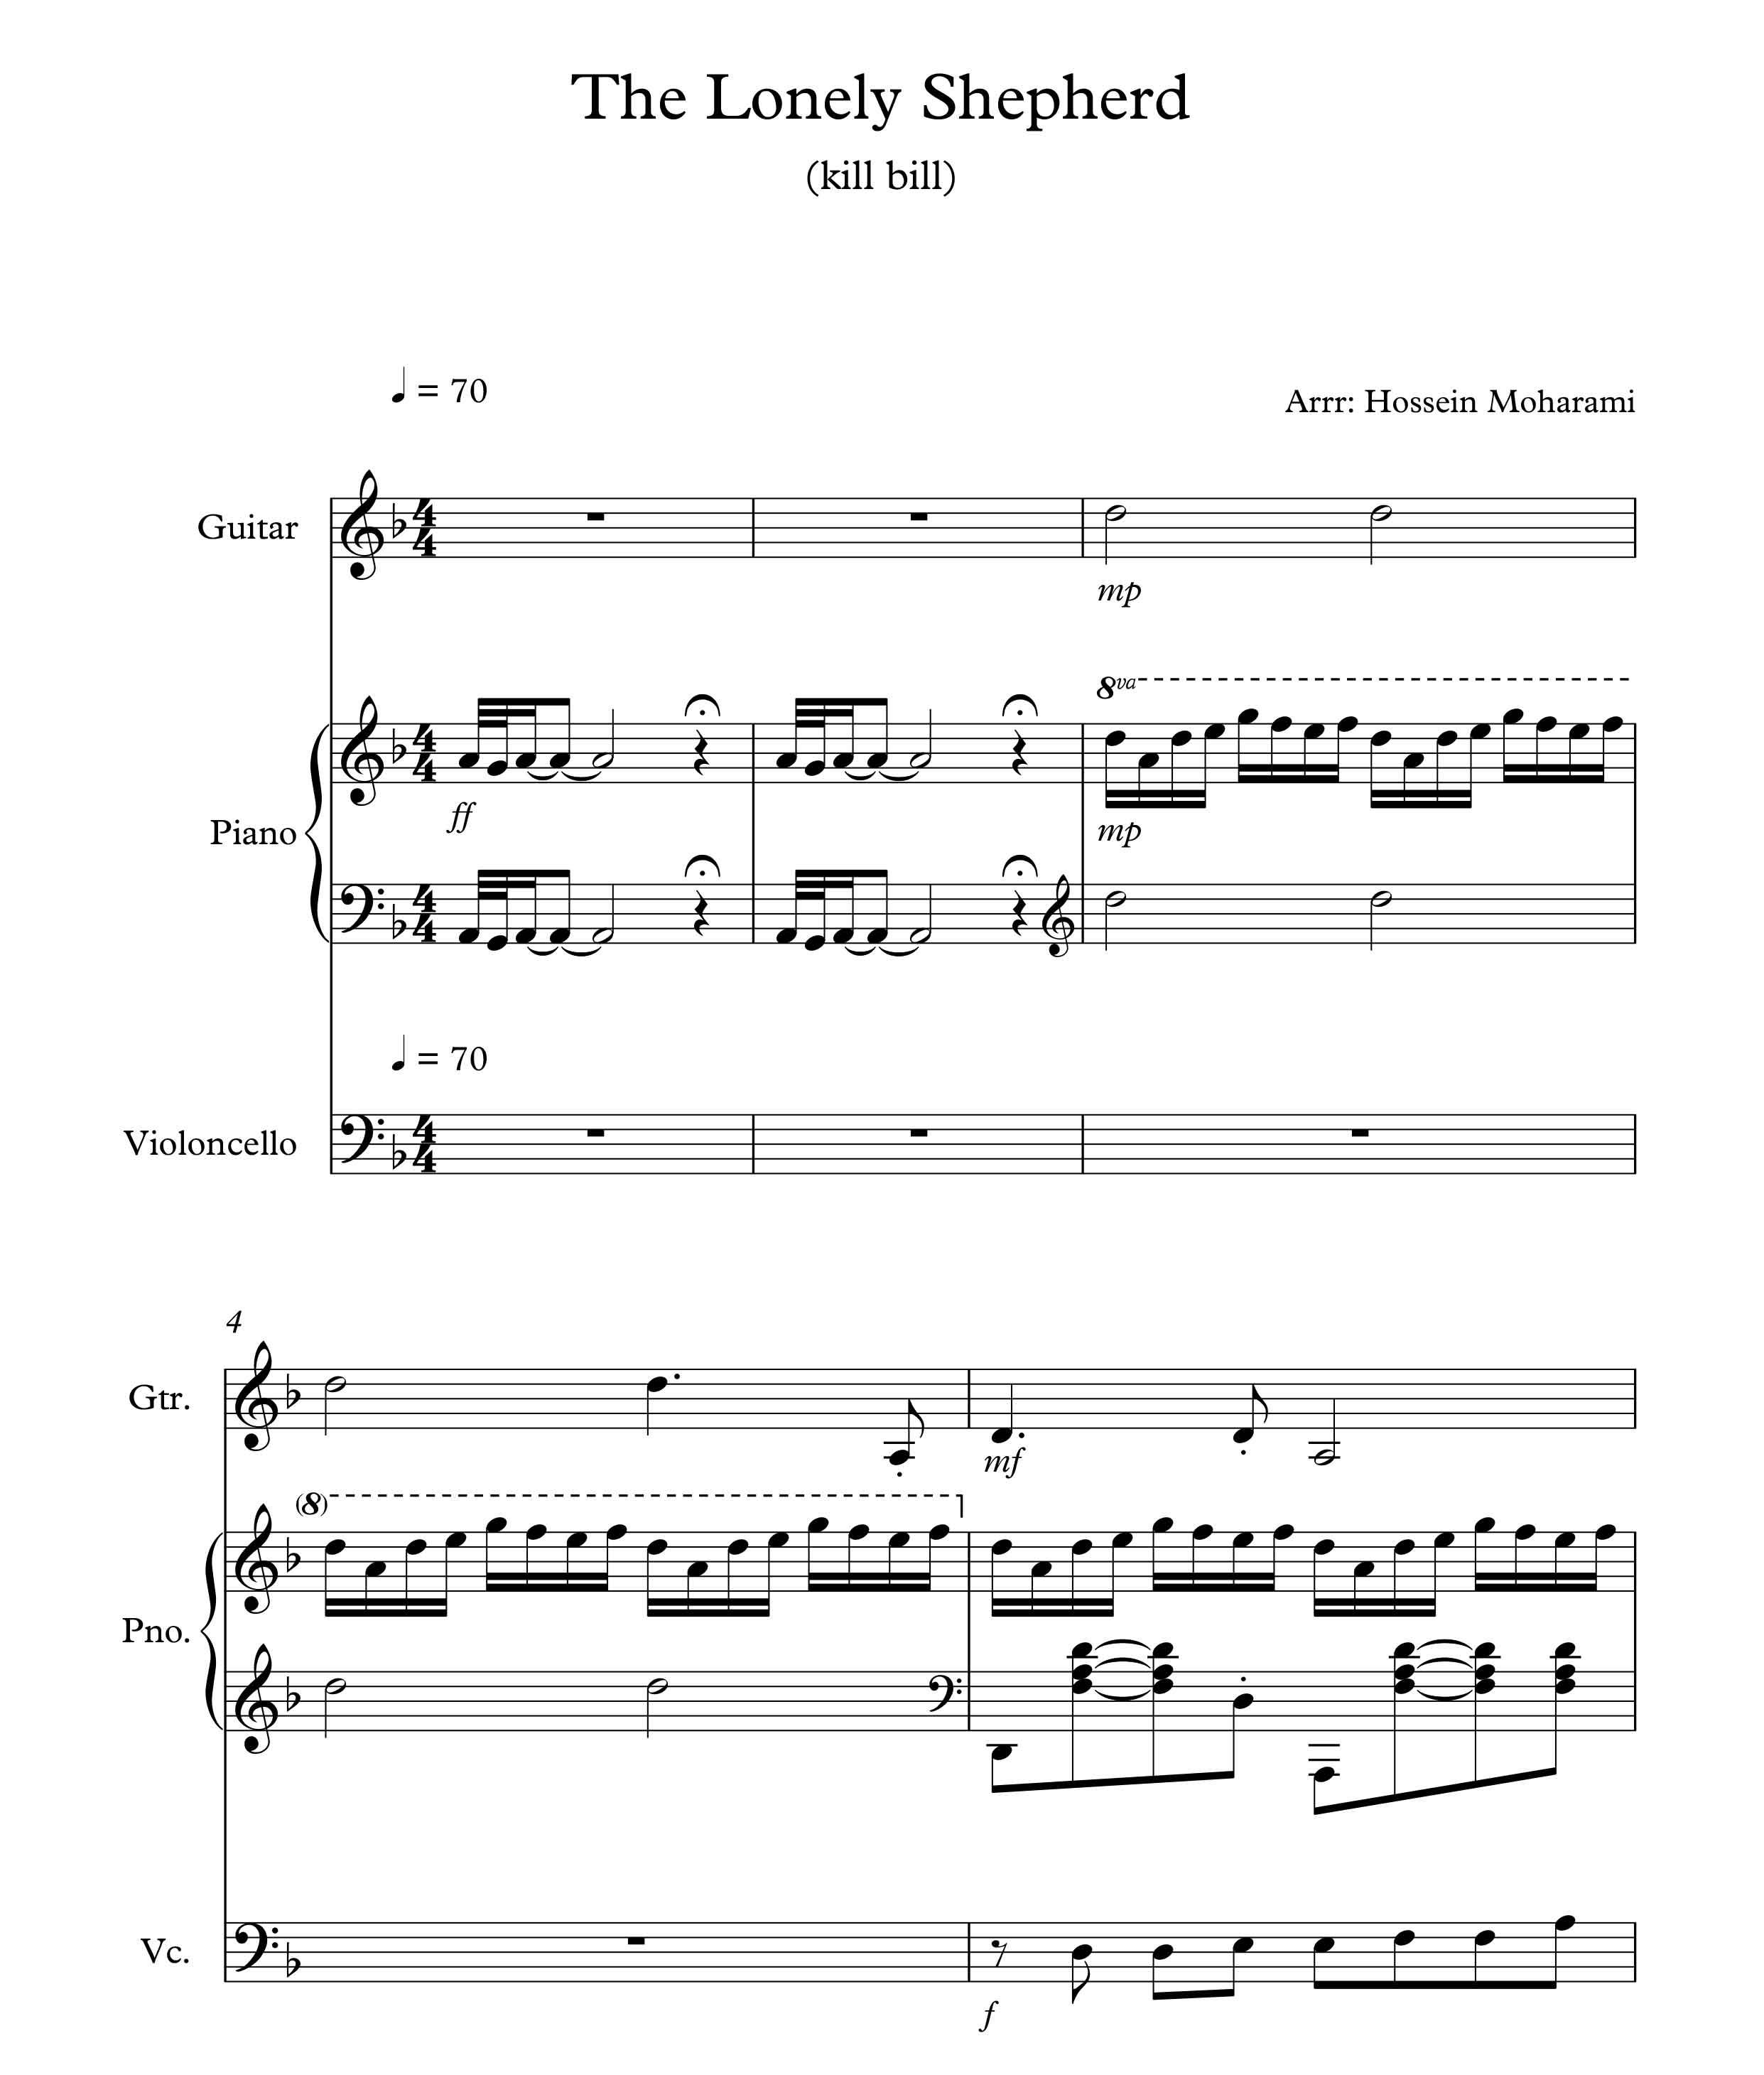 نت قطعه (lonely shepherd (kill bill برای تریو  پیانو ویولنسل و گیتار